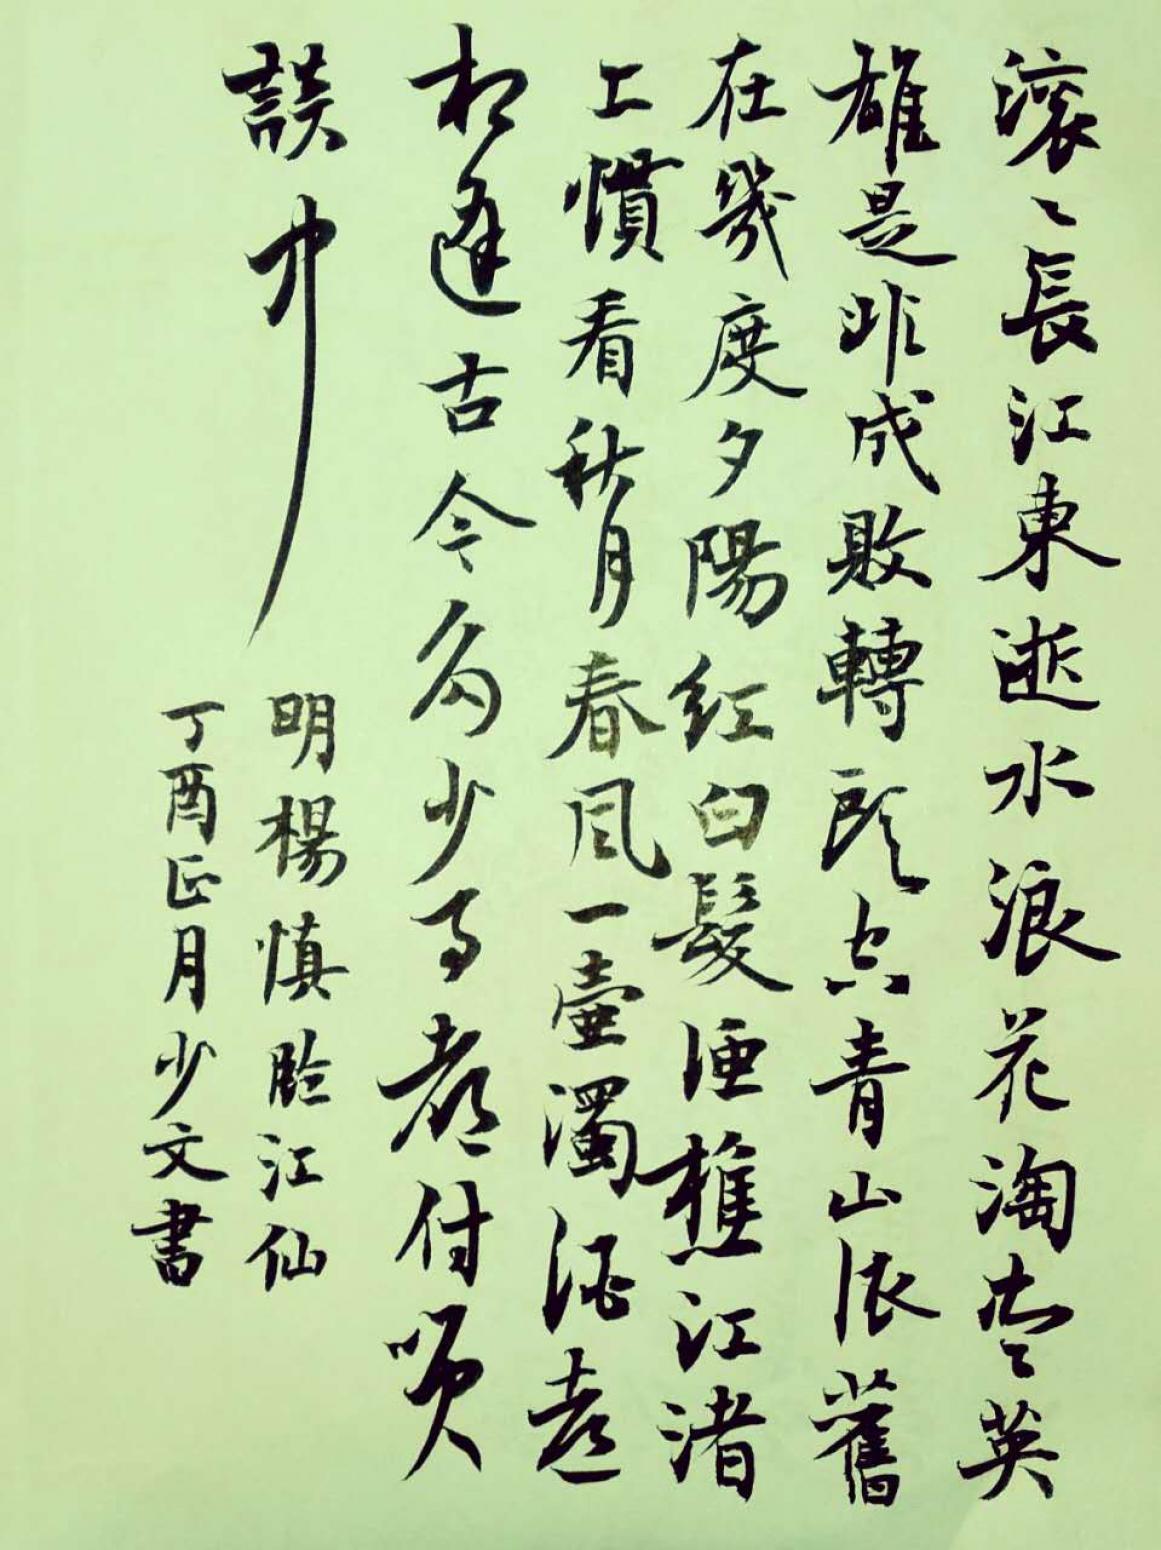 江少文书法作品《【临江仙】作者江少文》【图0】